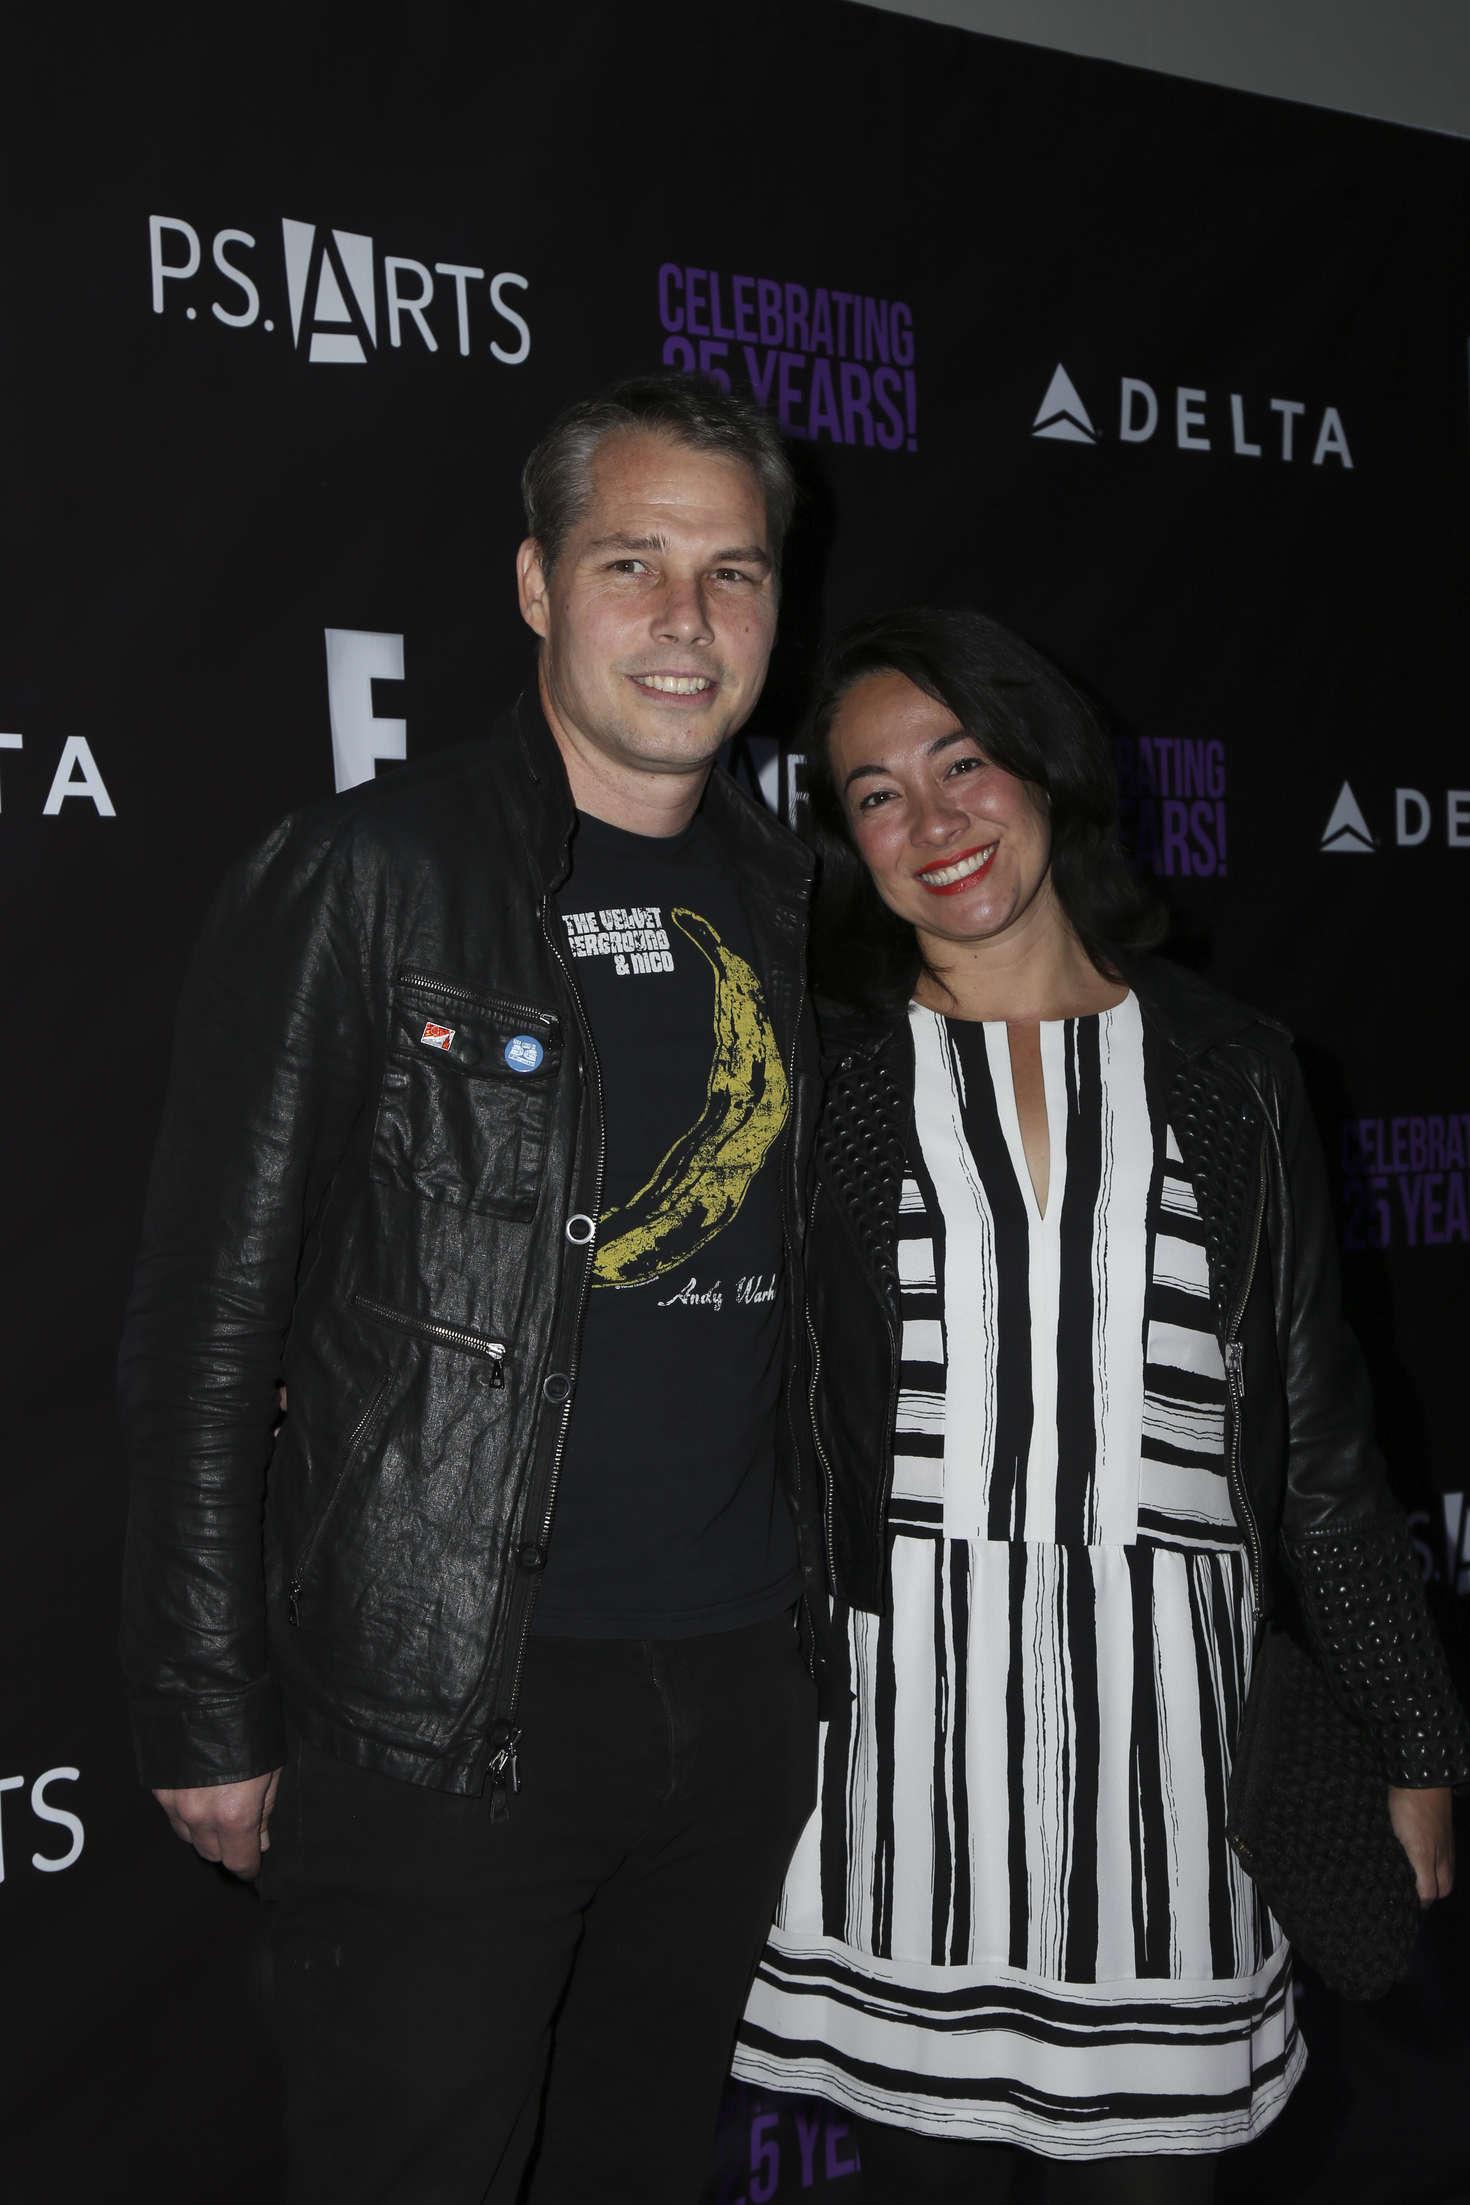 Amanda Fairey - PS Arts the Party in Los Angeles